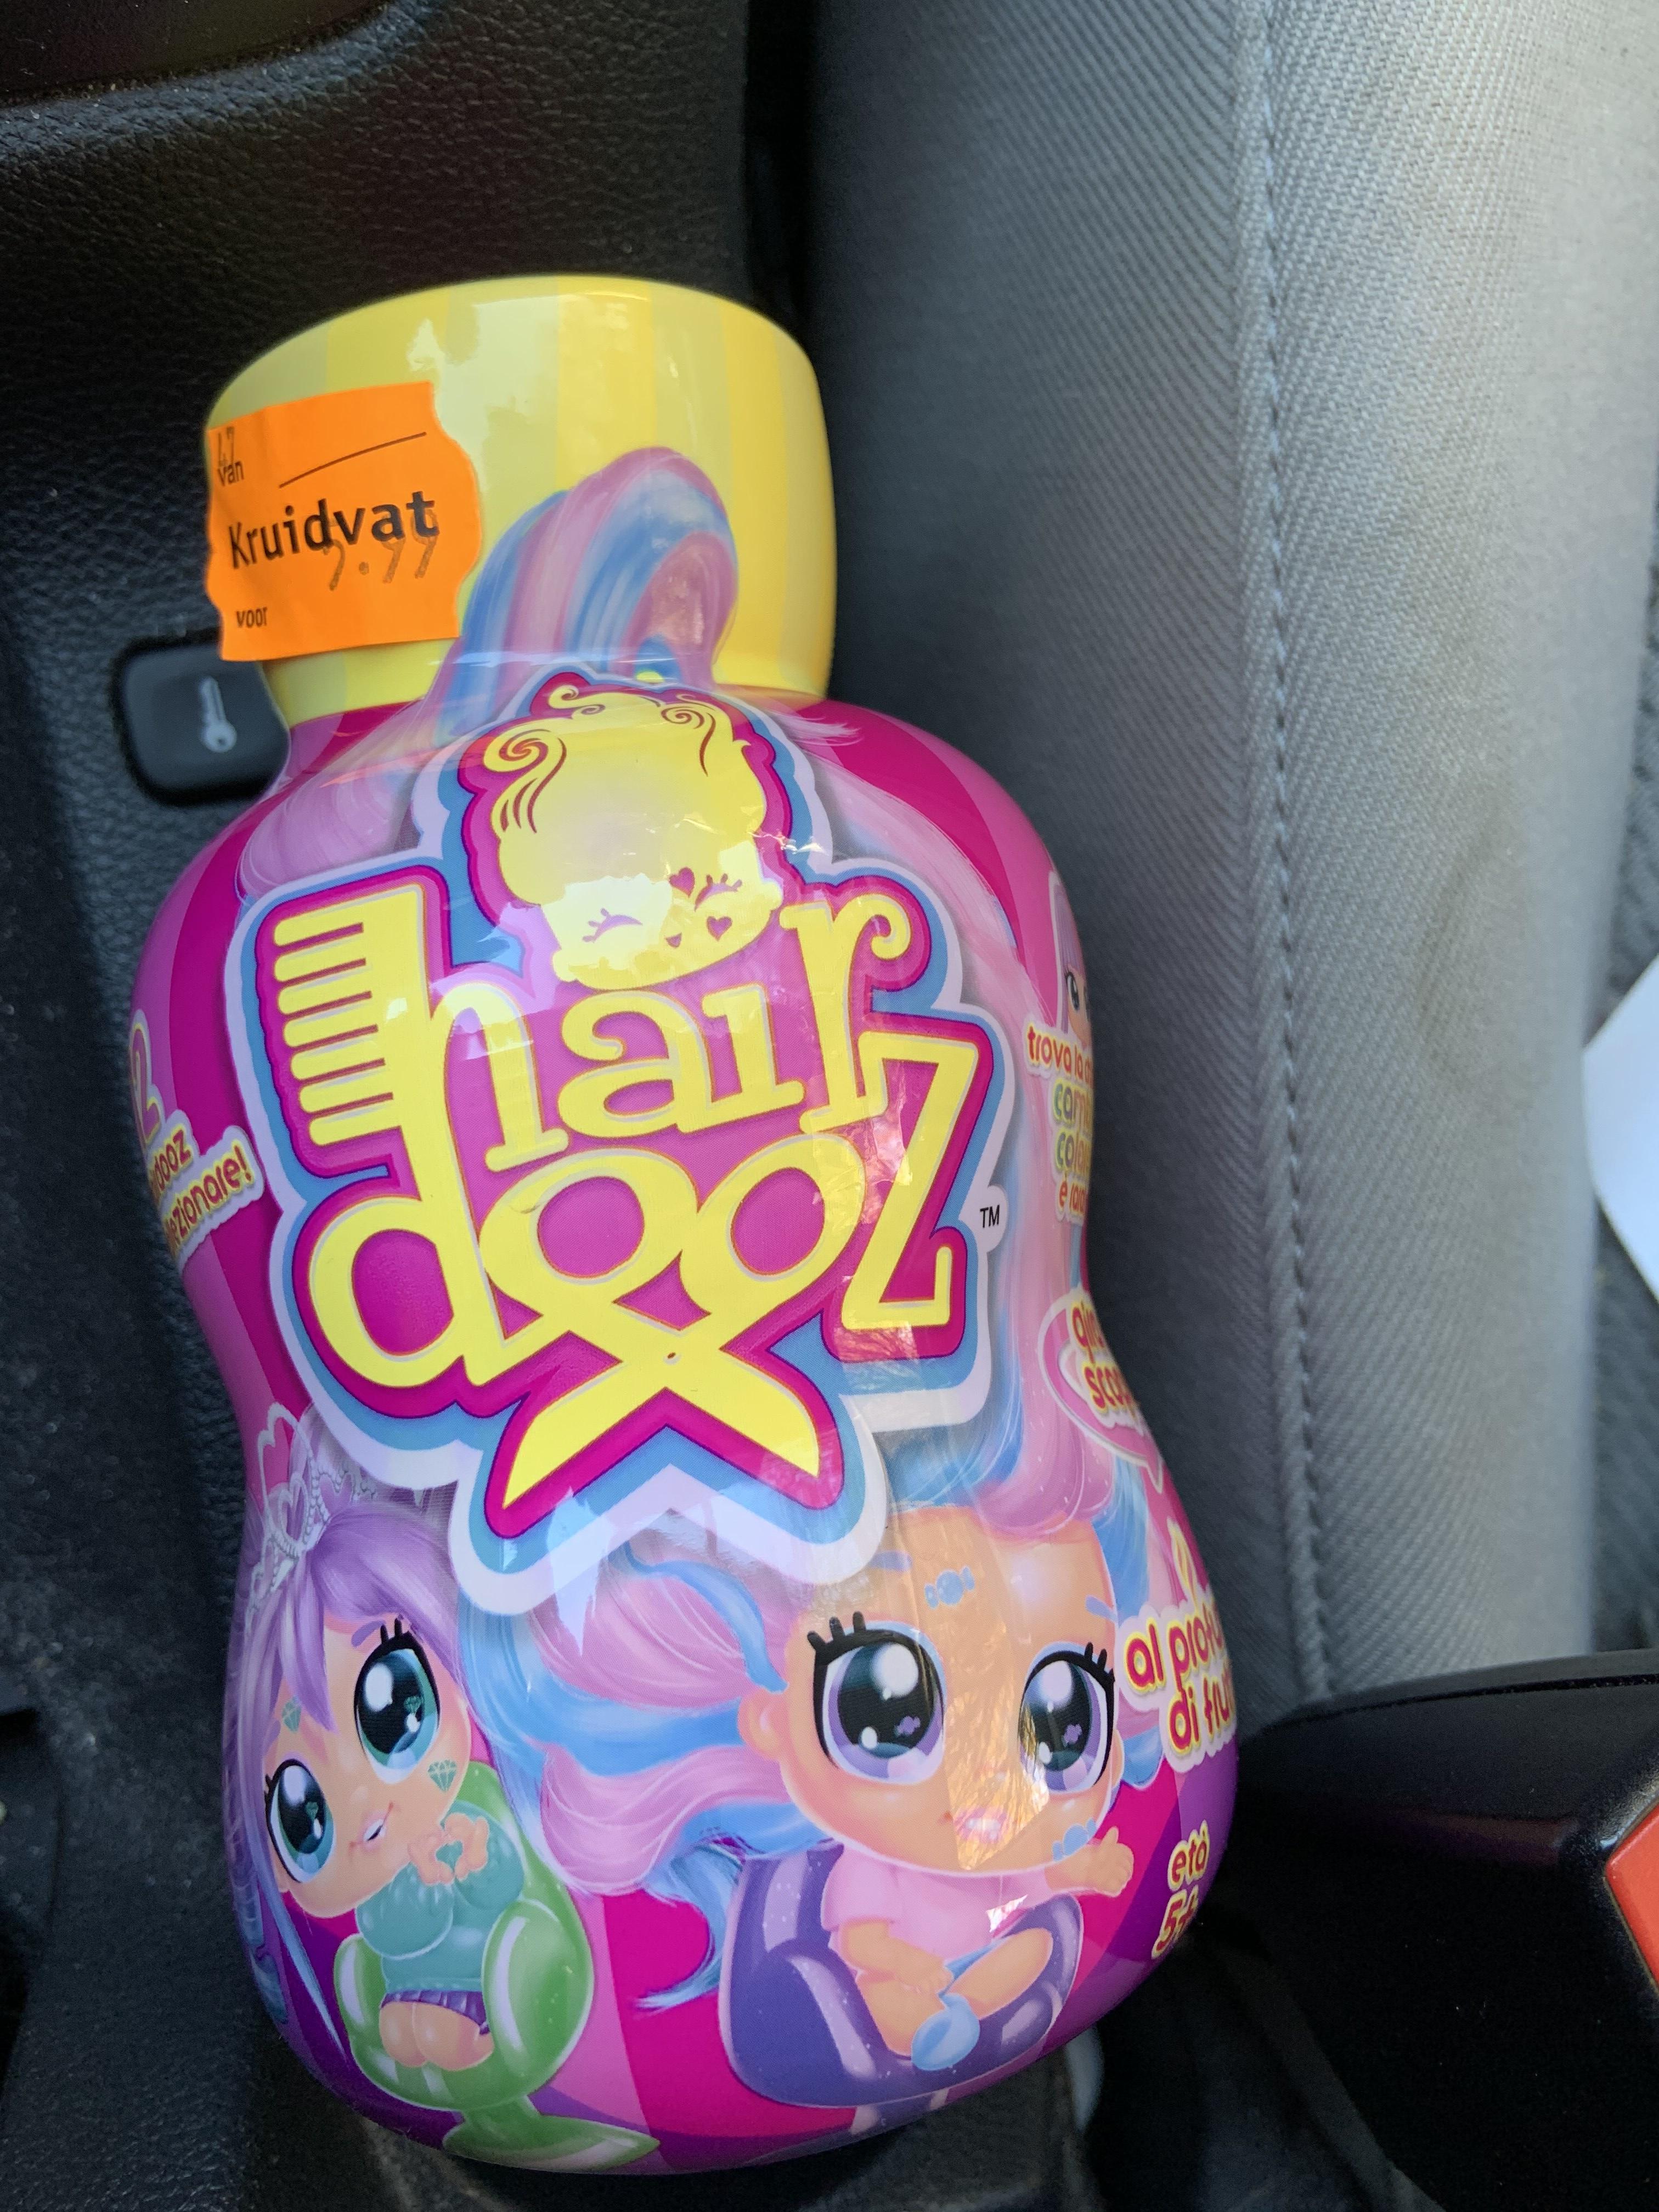 Hairdooz voor €5,99